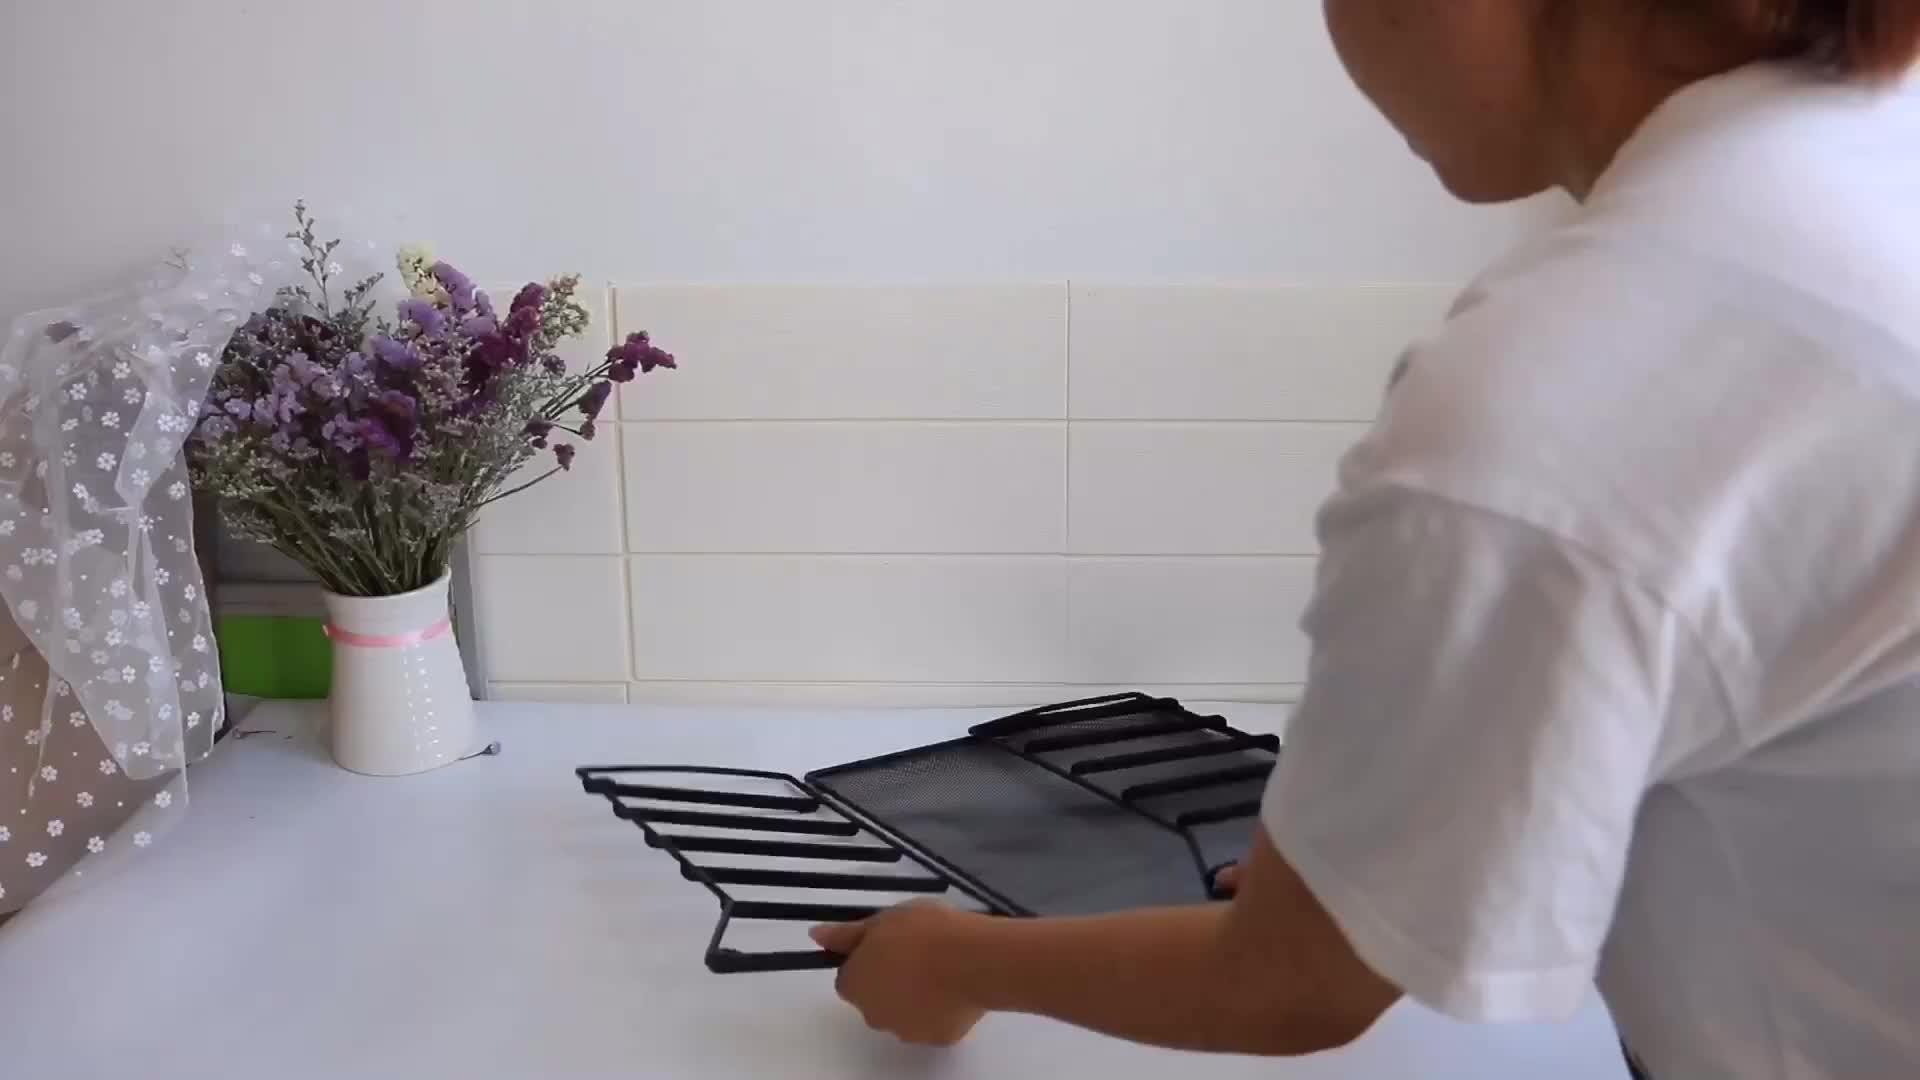 Wideny kantoorbenodigdheden school thuis huishoudelijke wire metal mesh wandmontage opknoping organizer muur vijlbladhouder